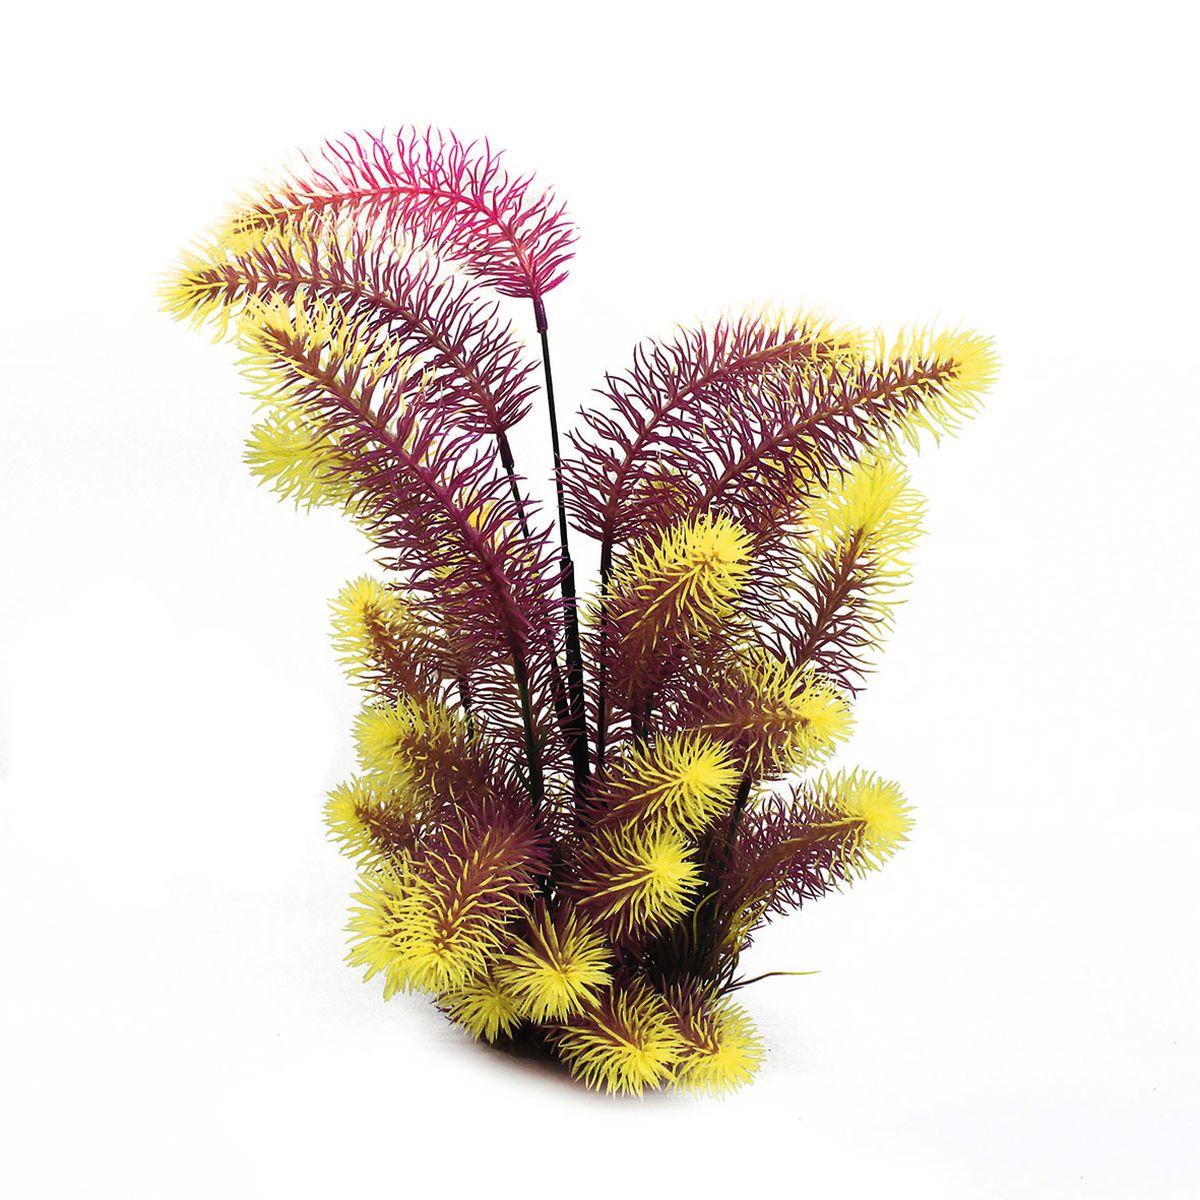 Растение для аквариума ArtUniq Погостемон эректус красно-желтый, высота 38 см0120710Композиция из искусственных растений ArtUniq превосходно украсит и оживит аквариум.Растения - это важная часть любой композиции, они помогут вдохнуть жизнь в ландшафт любого аквариума или террариума. А их сходствос природными порадует даже самых взыскательных ценителей.